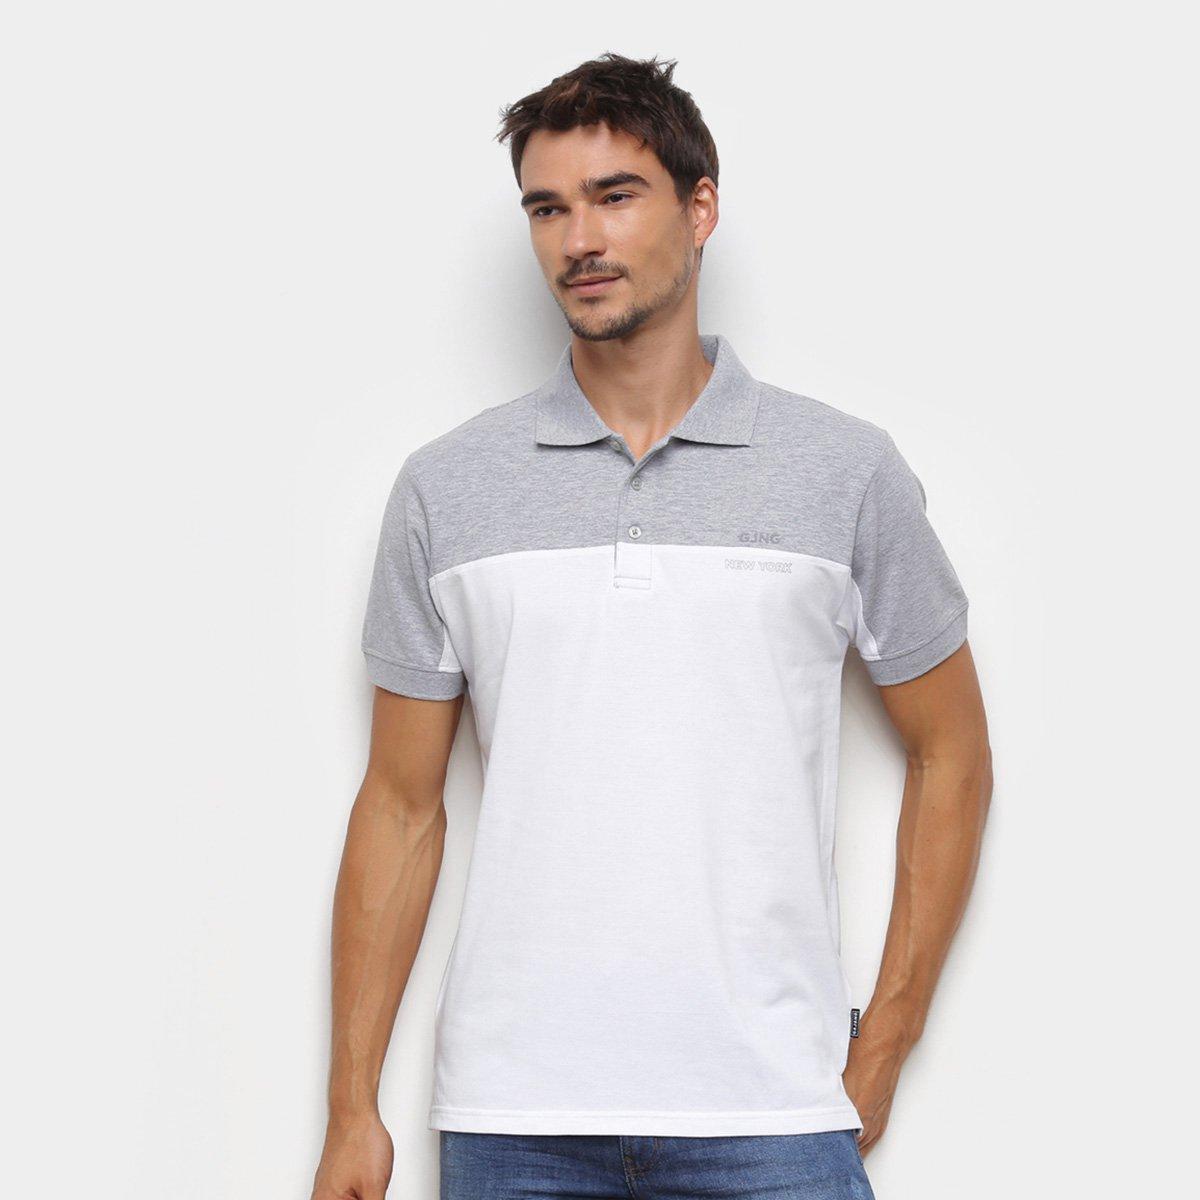 Camisa Polo Gajang Lisa Masculina